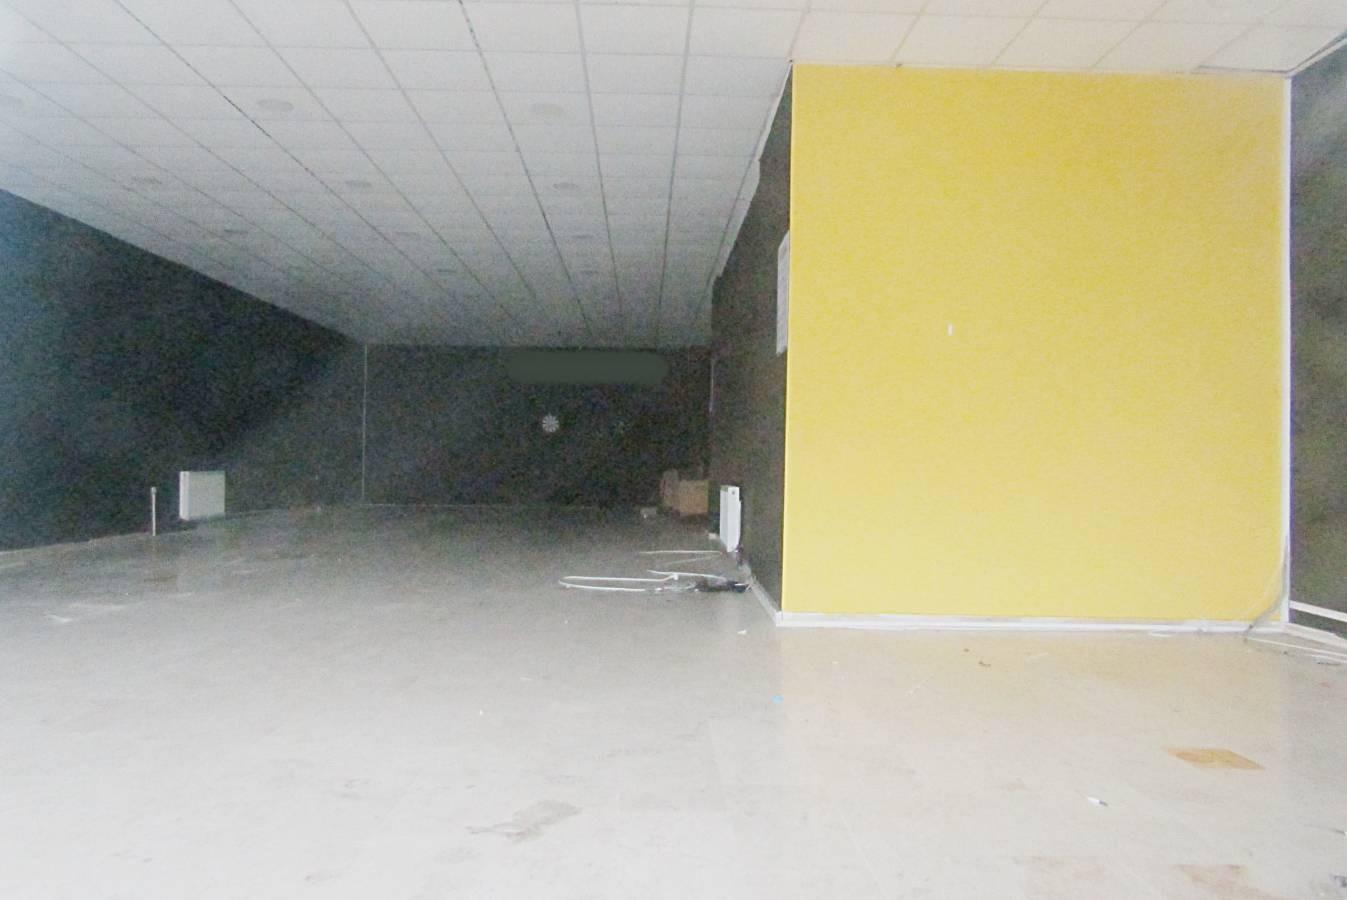 SR EMLAK'TAN ALSANCAK MAH'DE 125m² ULAŞIMA YAKIN DÜKKAN